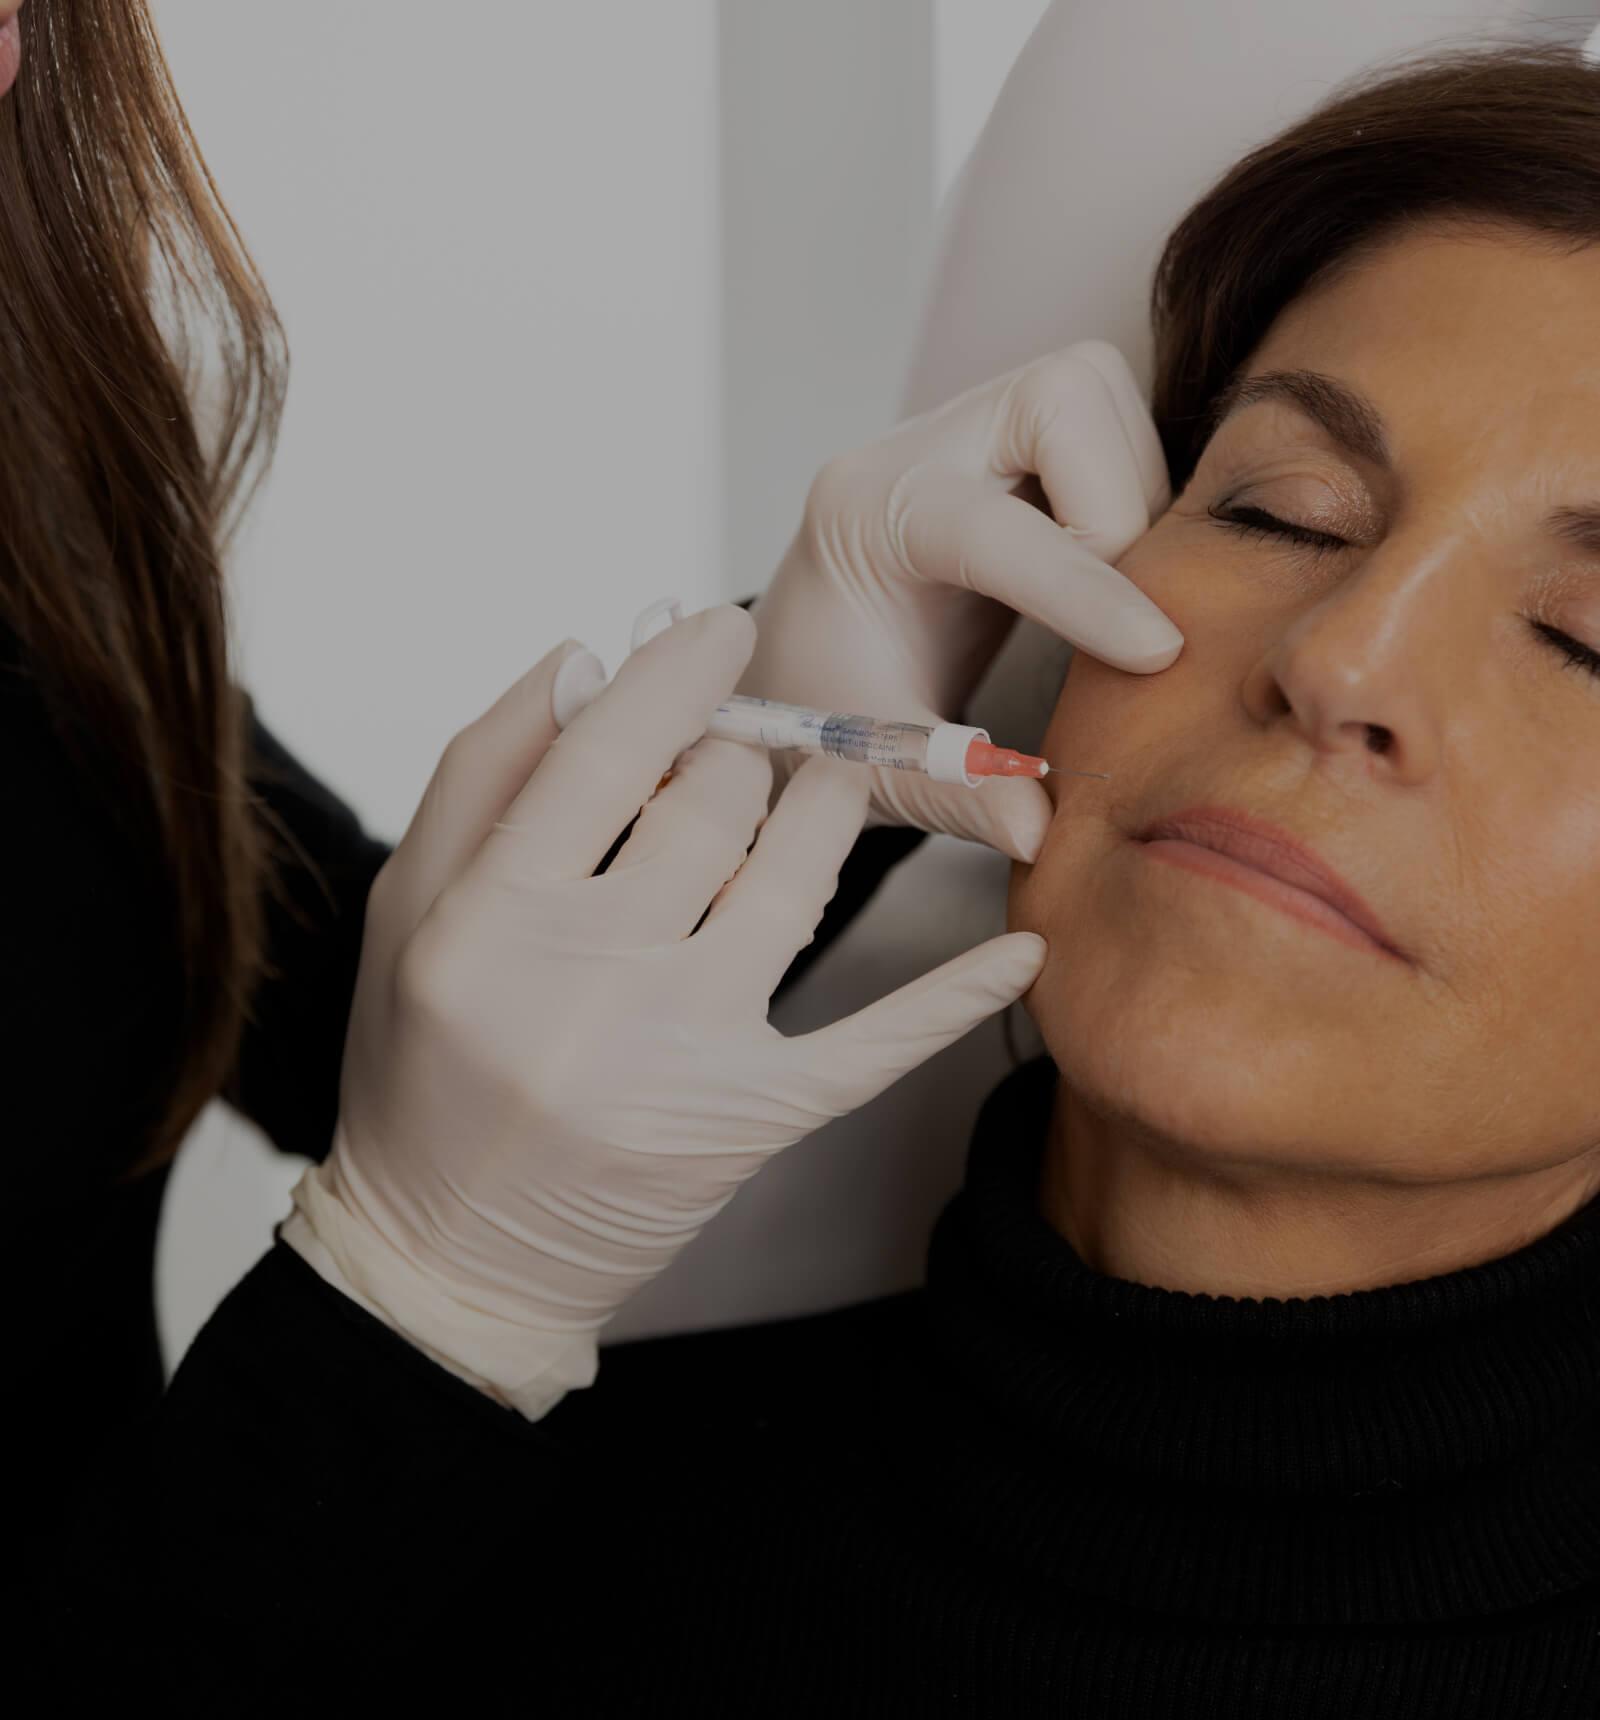 Un médecin de la Clinique Chloé pratiquant des injections de Skinboosters dans les sillons nasogéniens d'une patiente